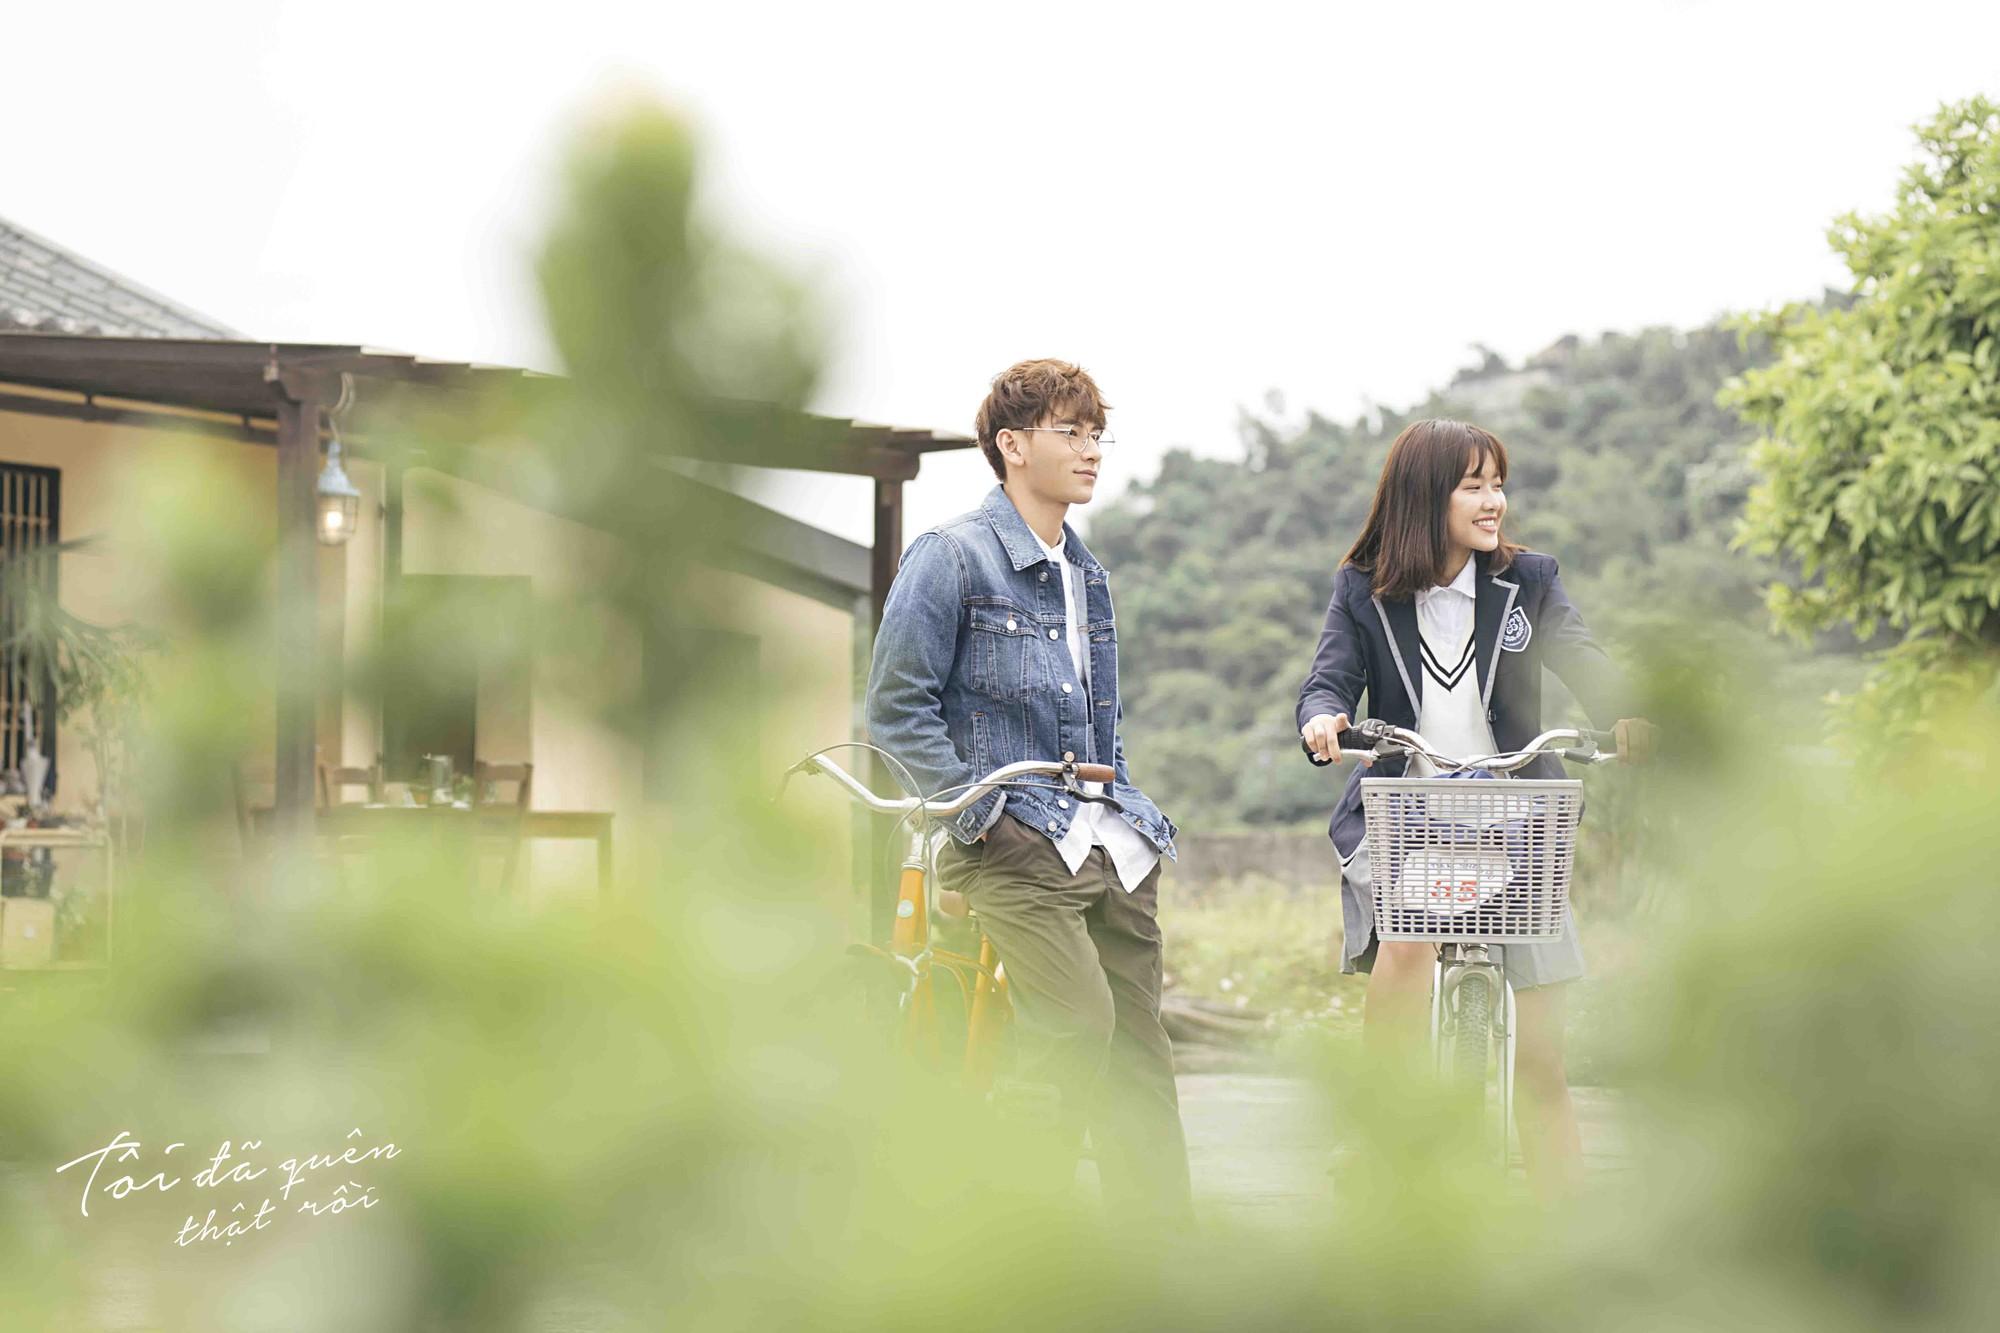 Isaac hoá thân ông chú cô đơn, hé lộ mối tình đũa lệch trong teaser MV mới - Ảnh 6.